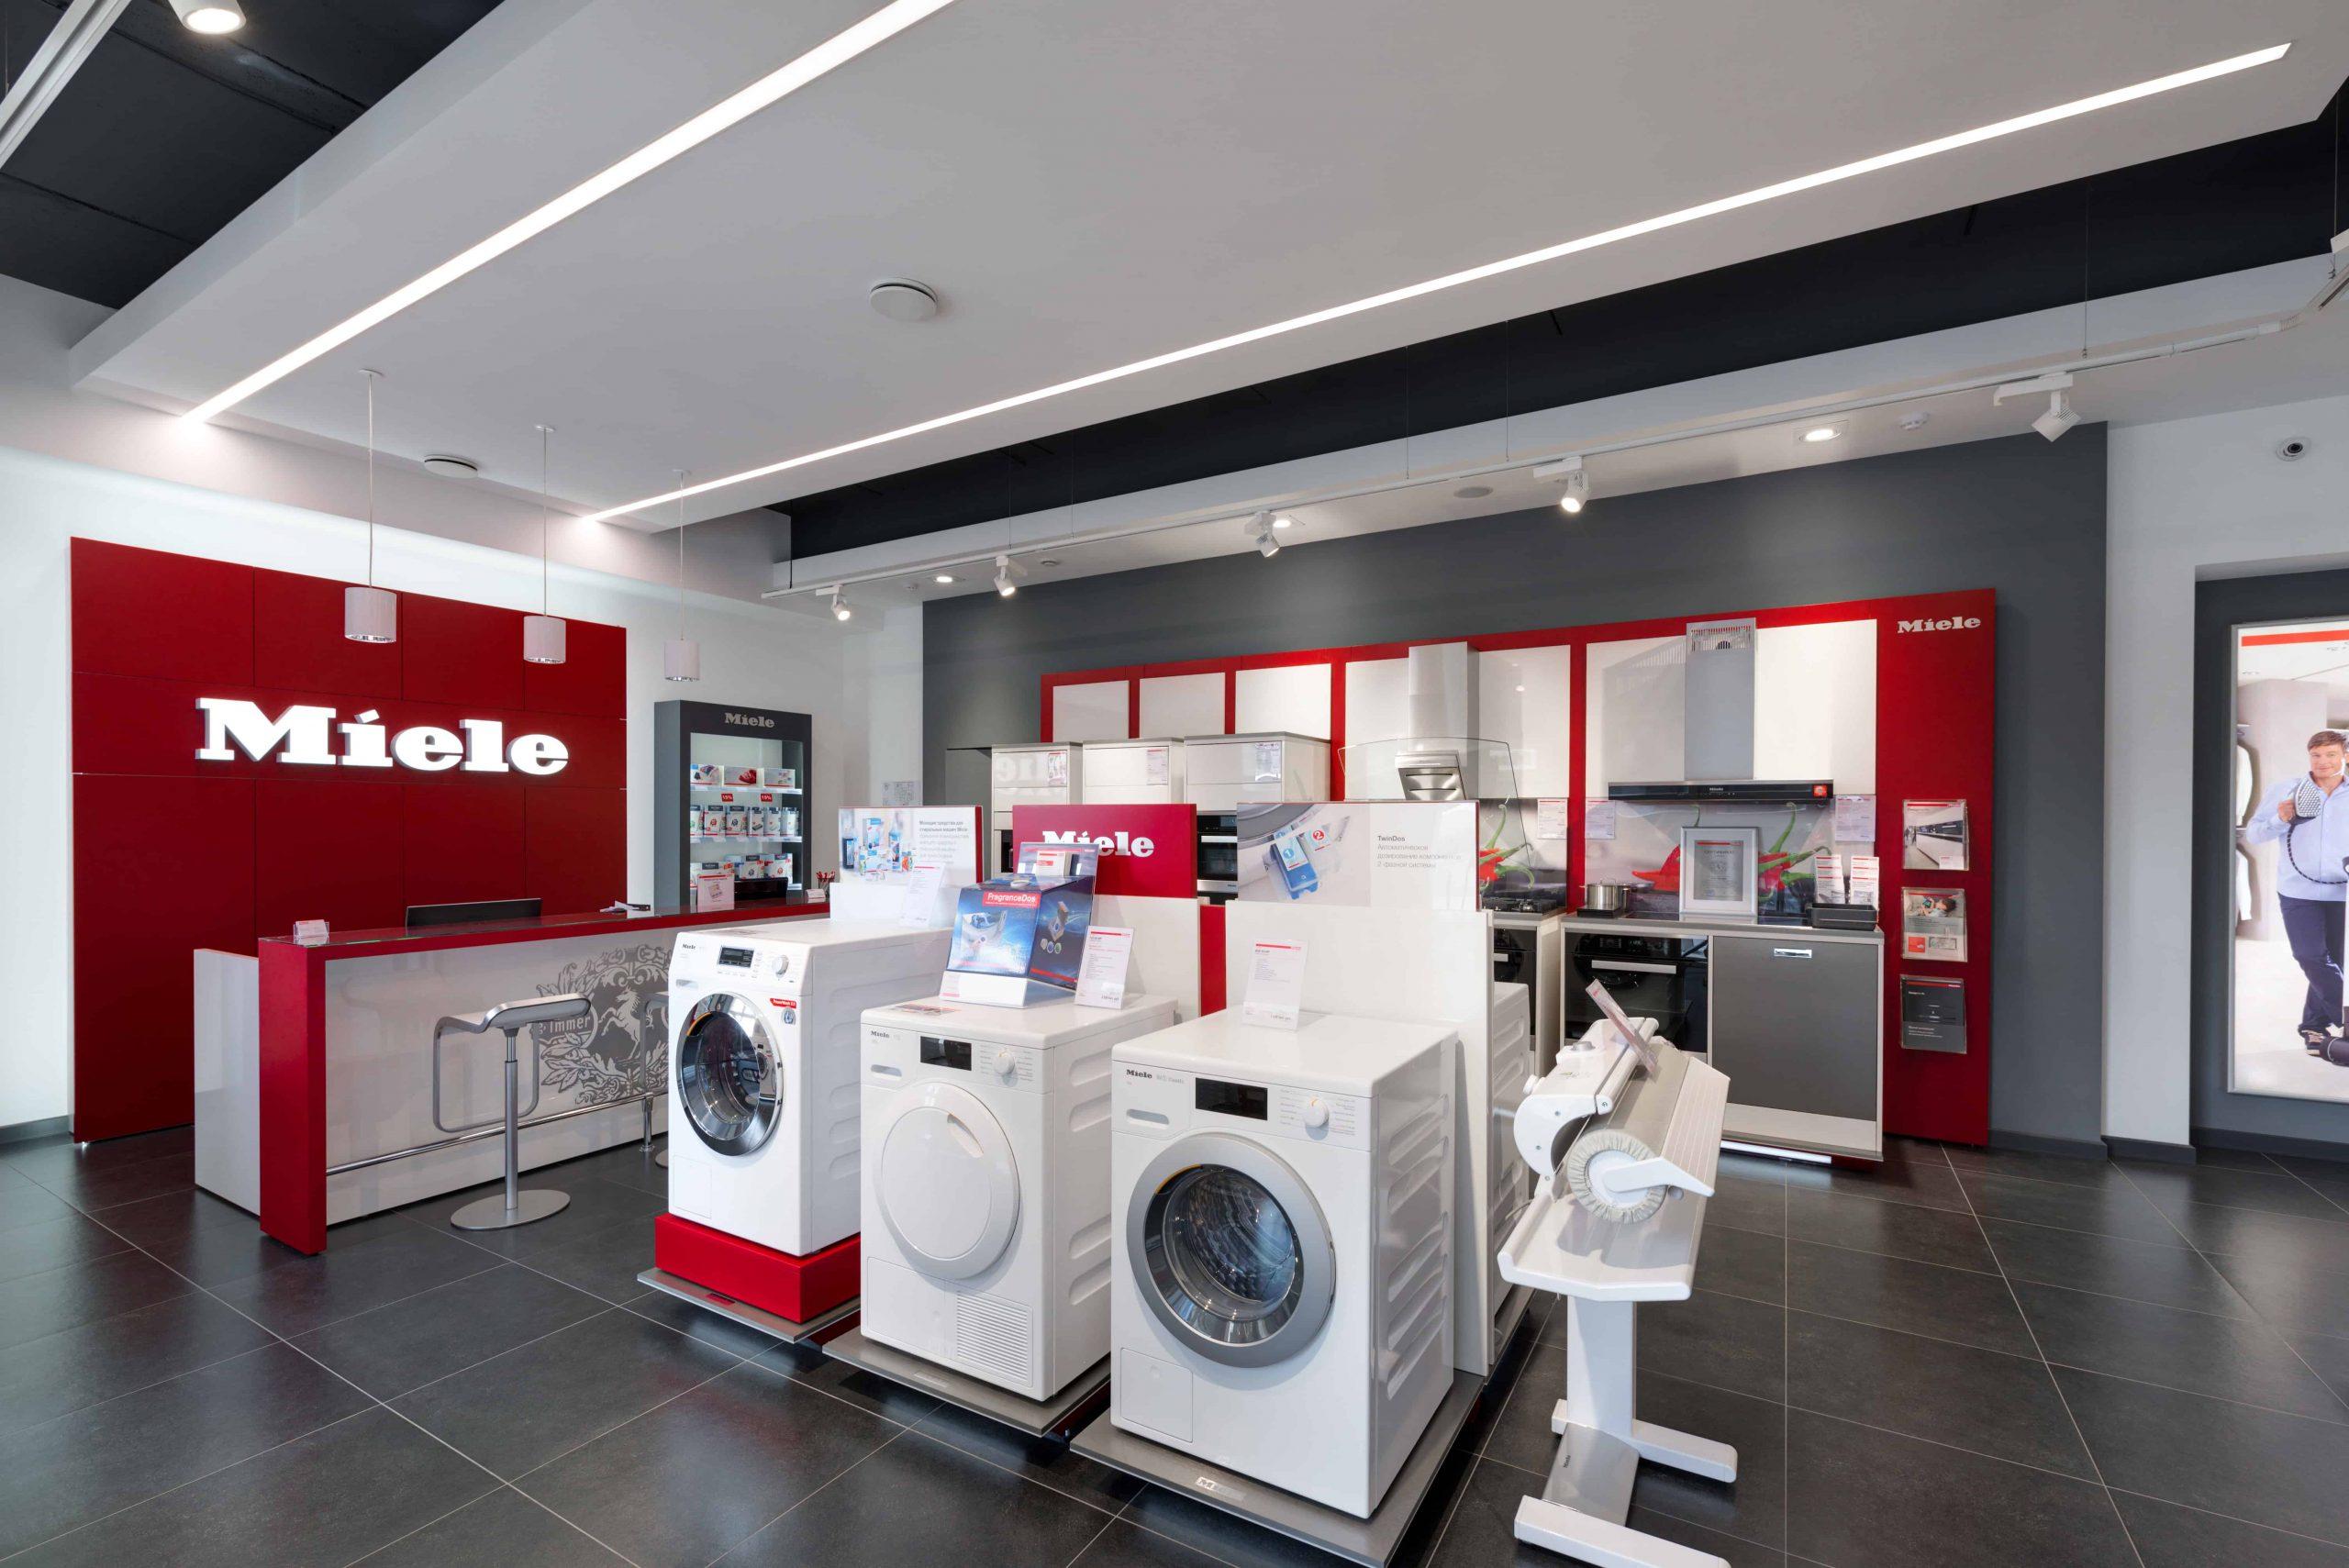 Miele Waschmaschine: Test & Empfehlungen (05/20)